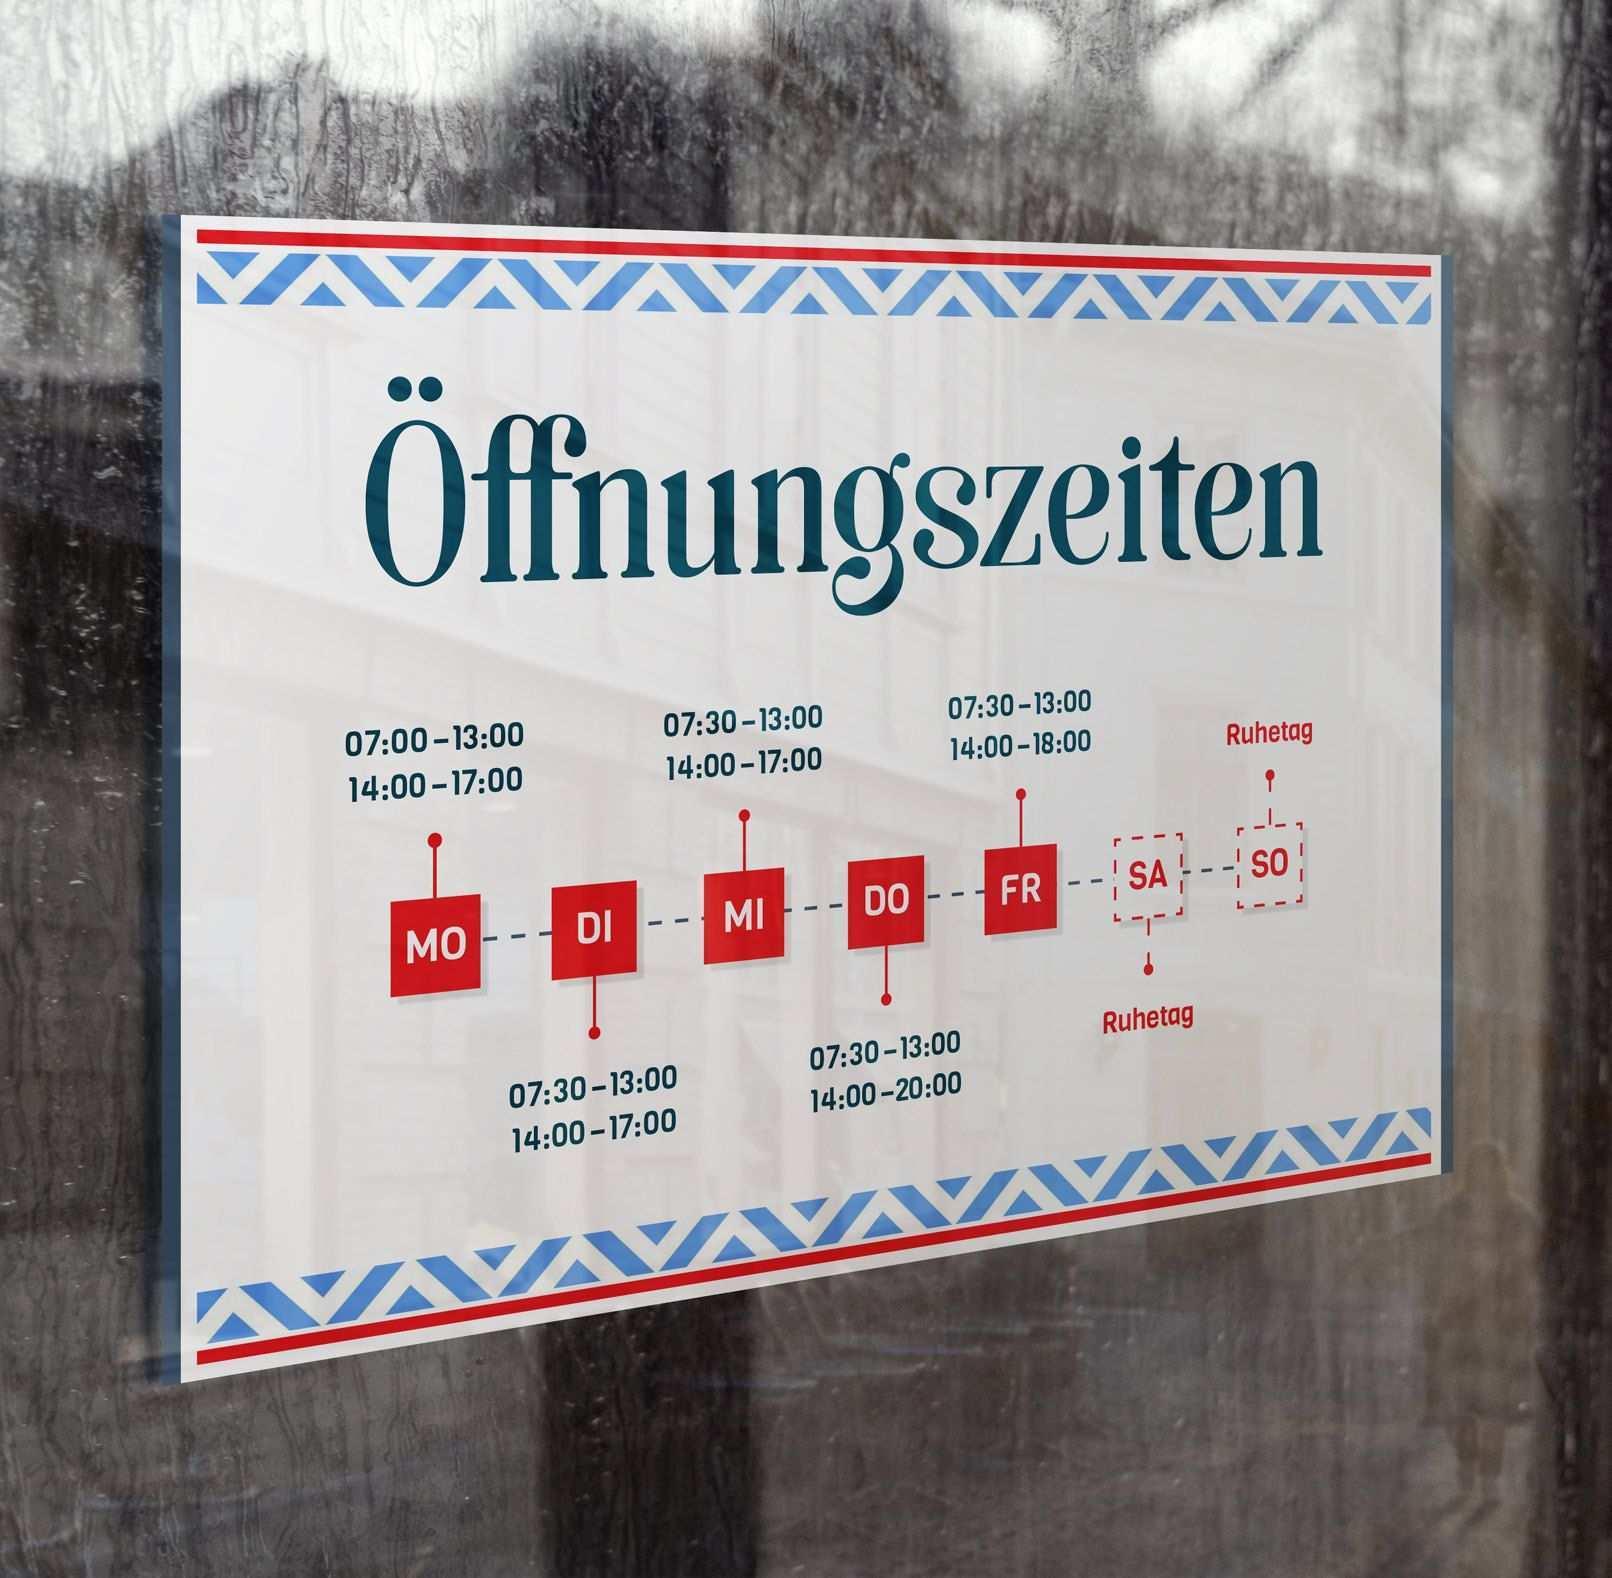 Offnungszeiten Vorlagen Fur Schild Aushang Offnungszeiten Schild Vorlagen Praxisschilder